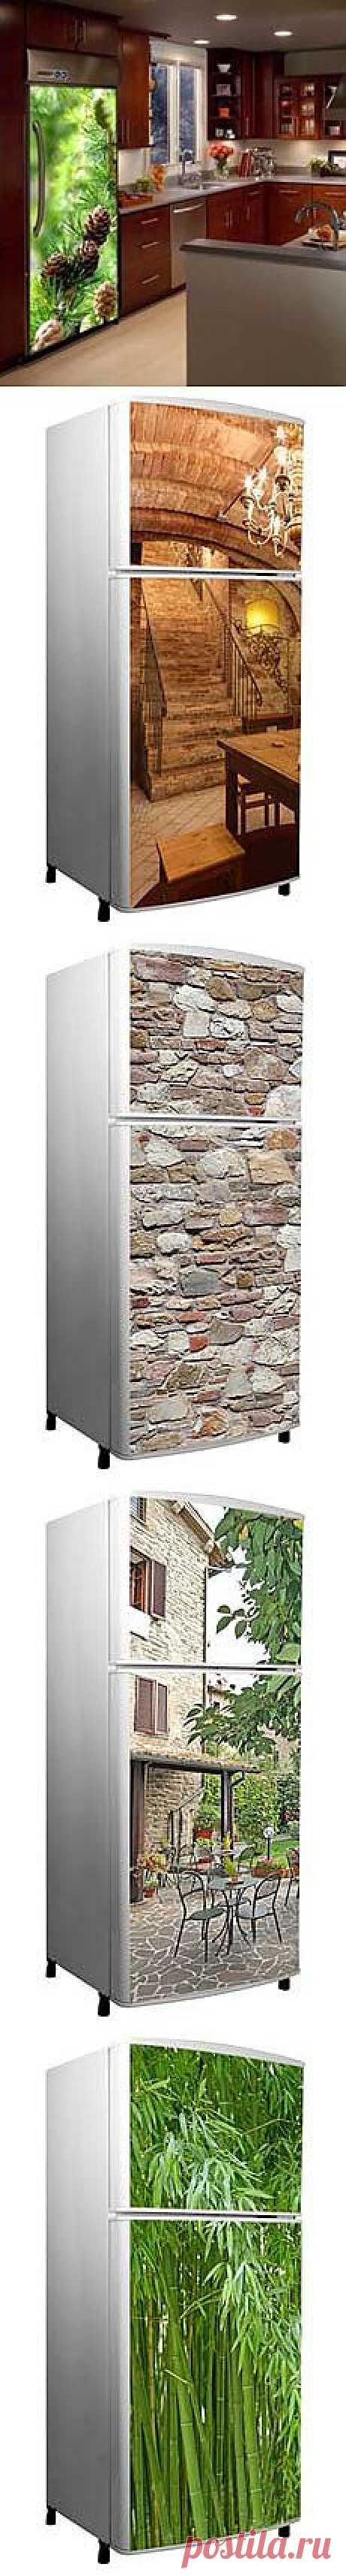 Наклейки на холодильник: необычный дизайн вашего холодильника